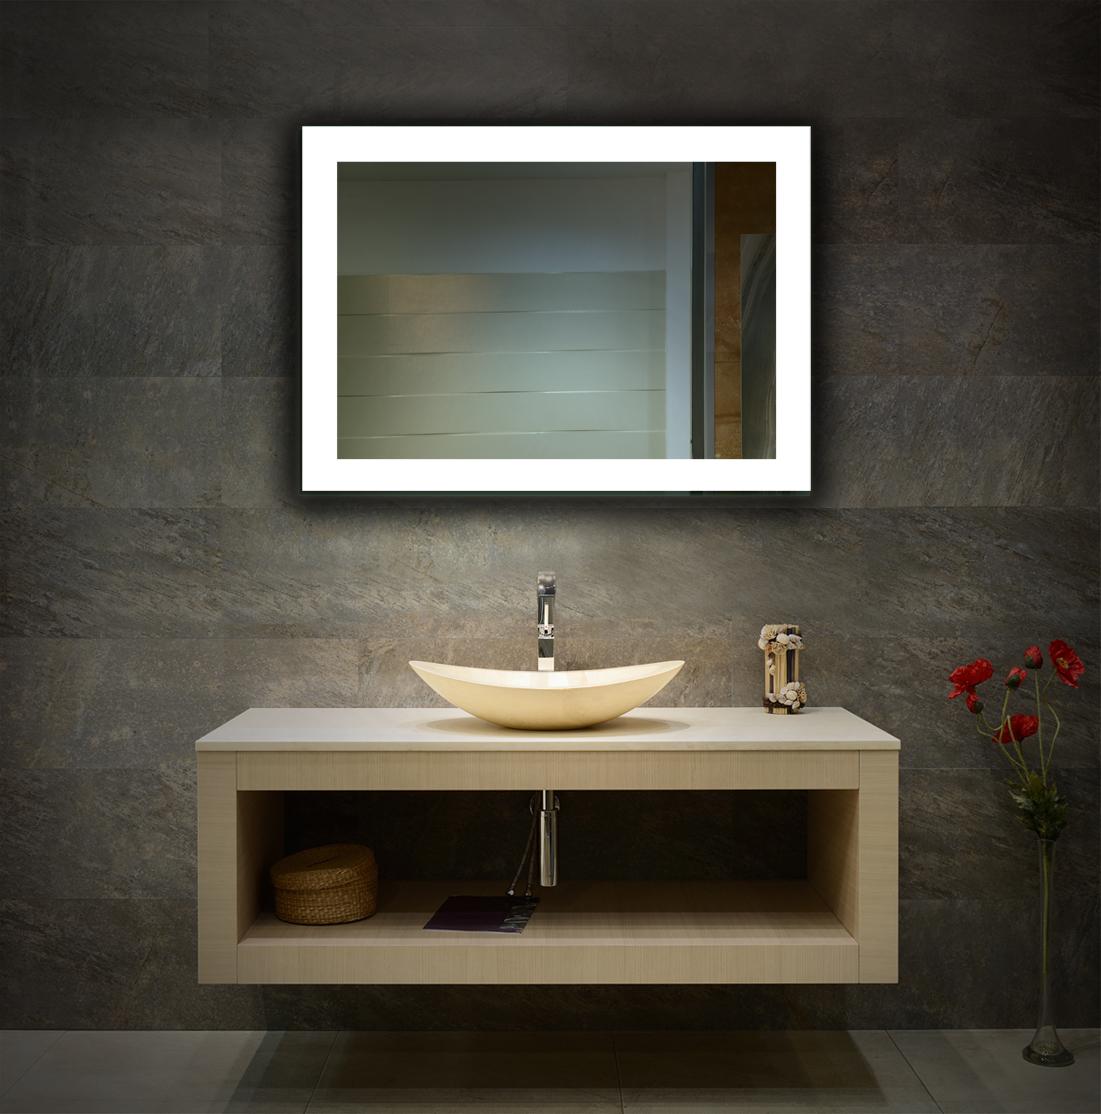 spiegel mit led beleuchtung wandspiegel badezimmerspiegel 3 led farben ebay. Black Bedroom Furniture Sets. Home Design Ideas